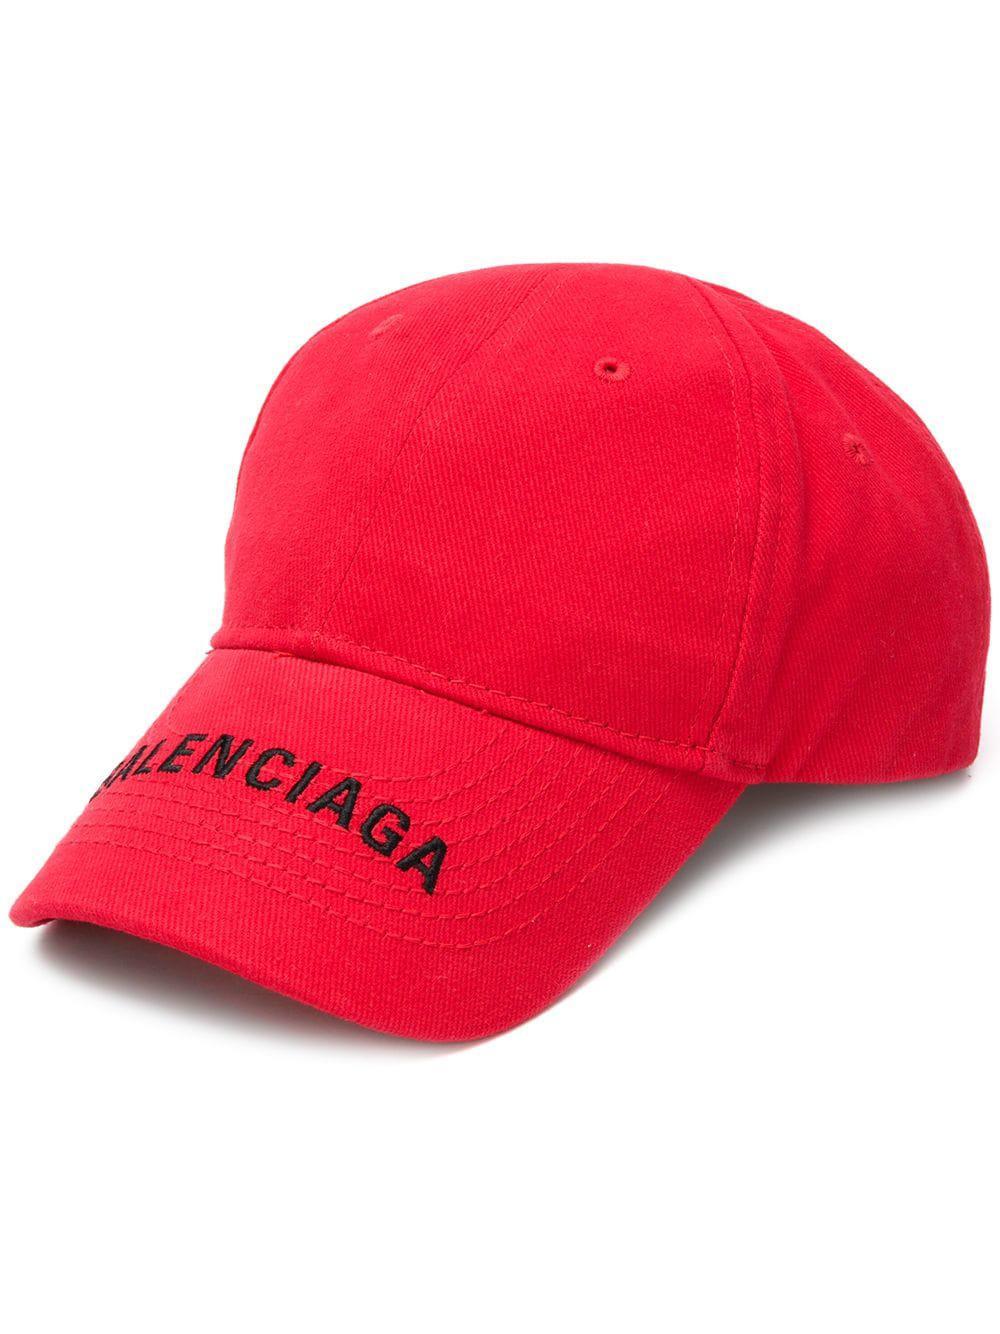 94da44baeeb Balenciaga Baseball Logo Hat in Red - Lyst